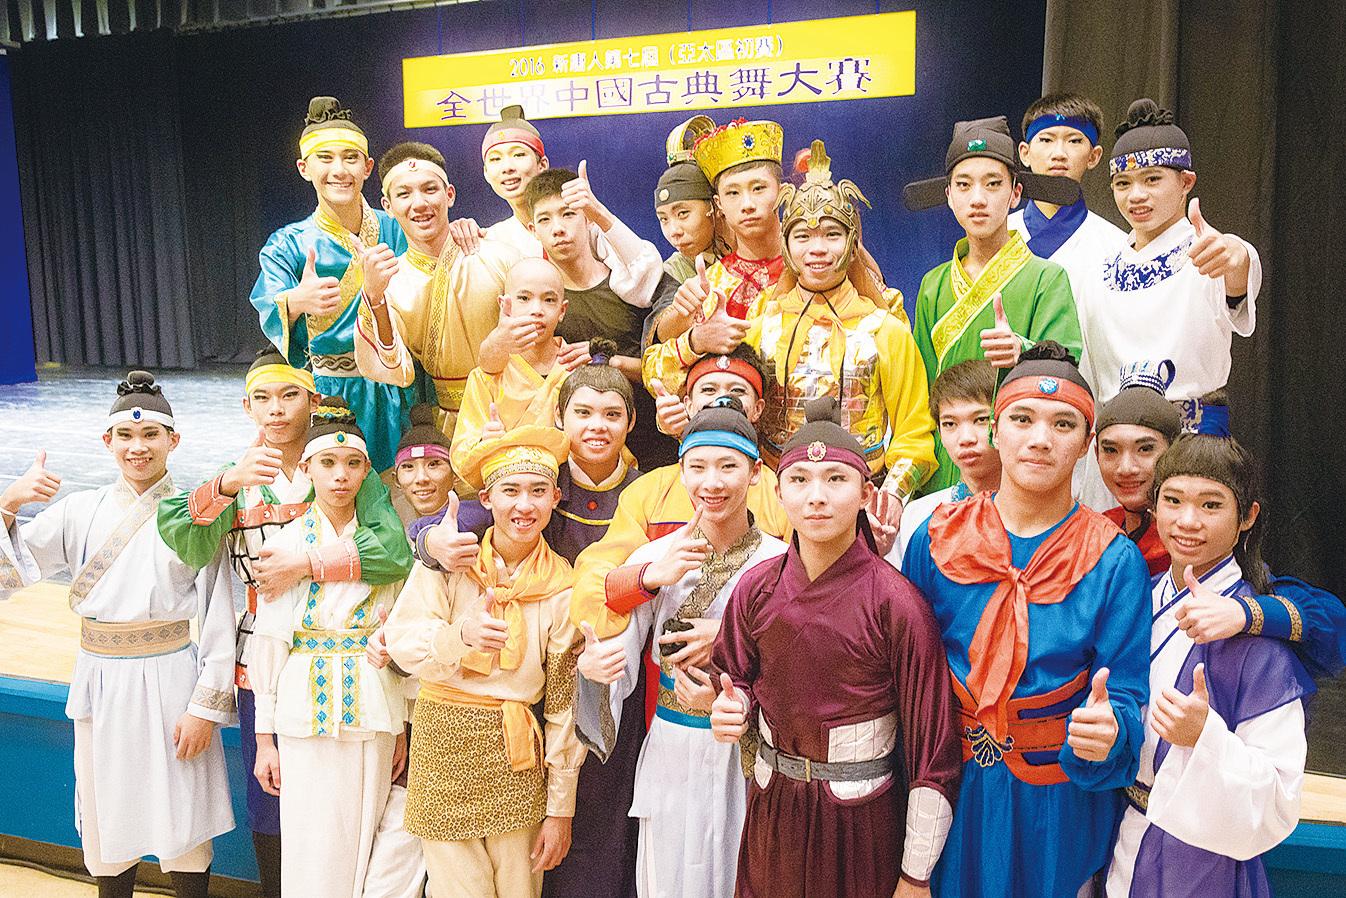 第七屆「全世界中國古典舞大賽」亞太區初賽,青年男子組和少年男子組參賽選手合影。(陳柏州/大紀元)